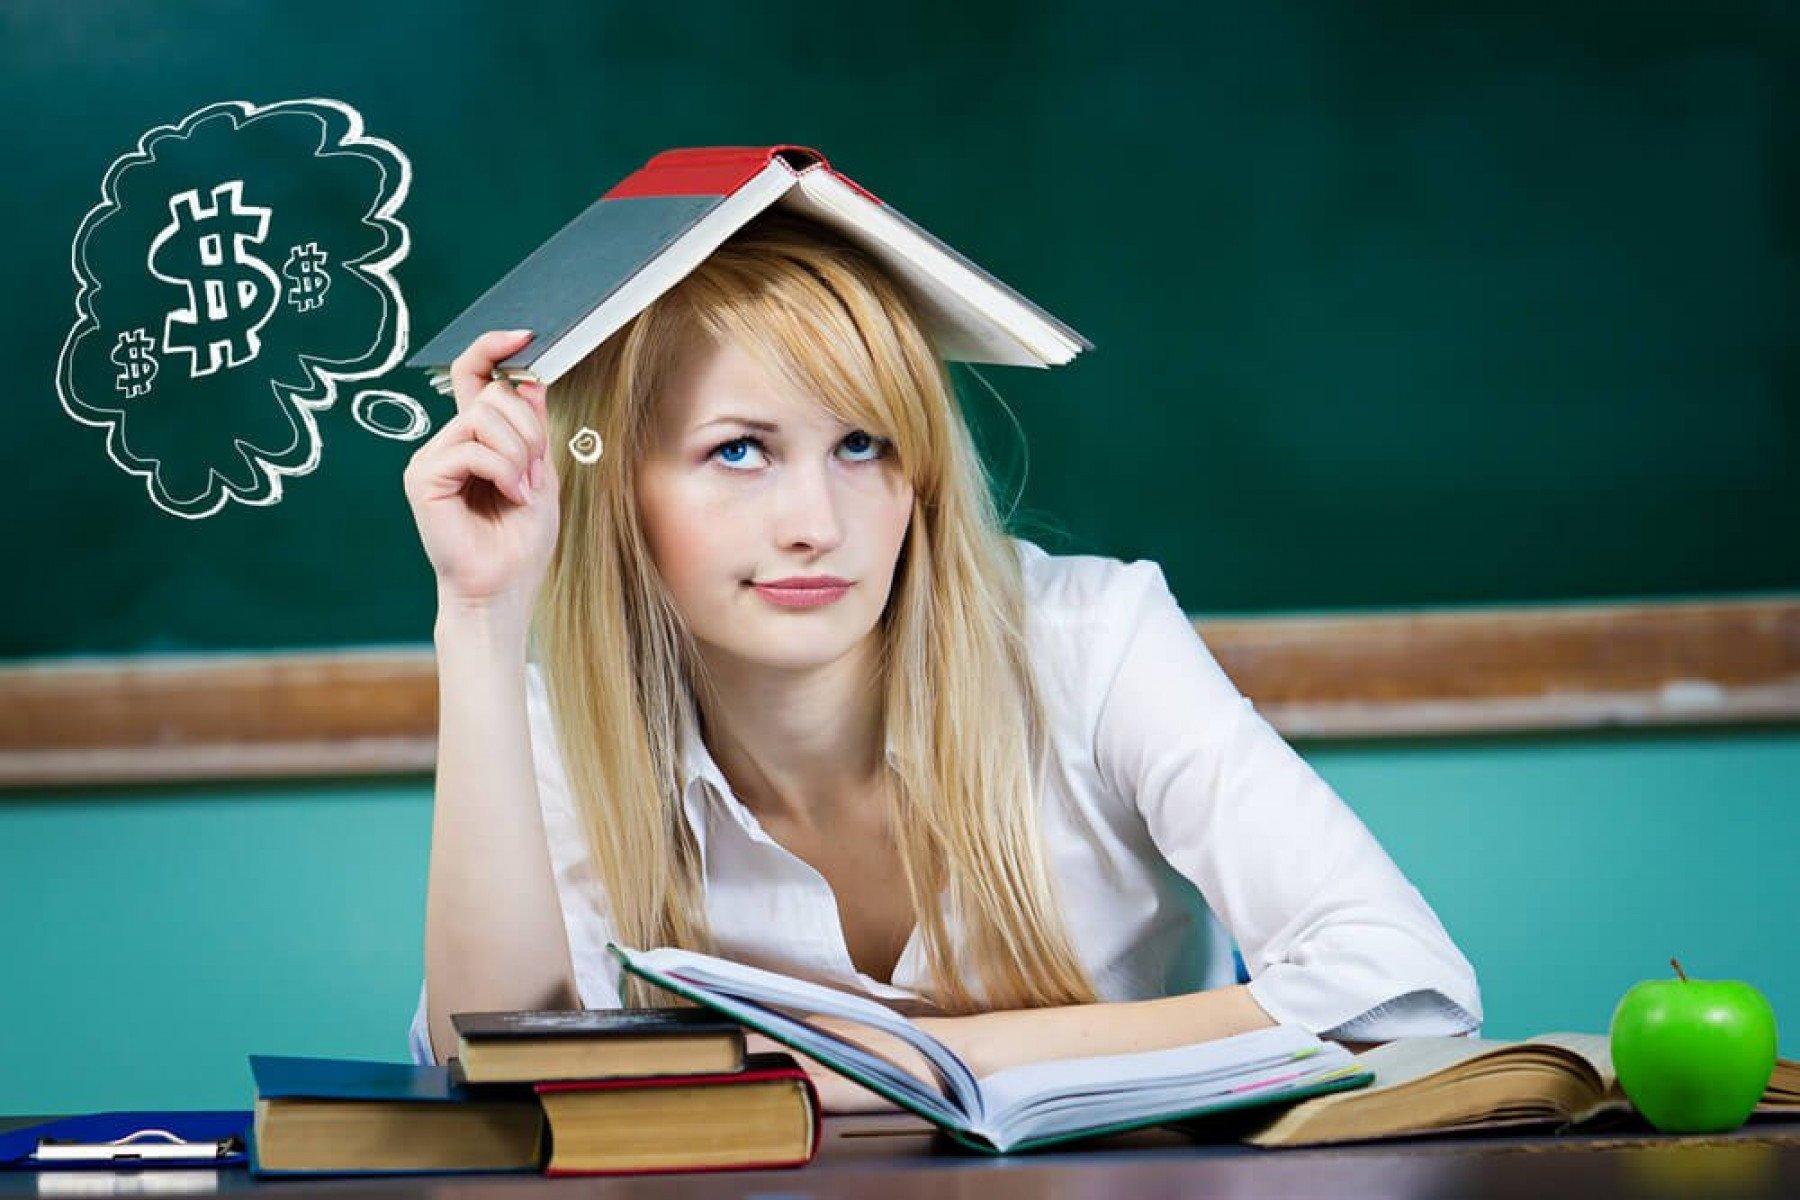 Tjej som sitter i ett klassrum med en bok över huvudet och tänker på pengar